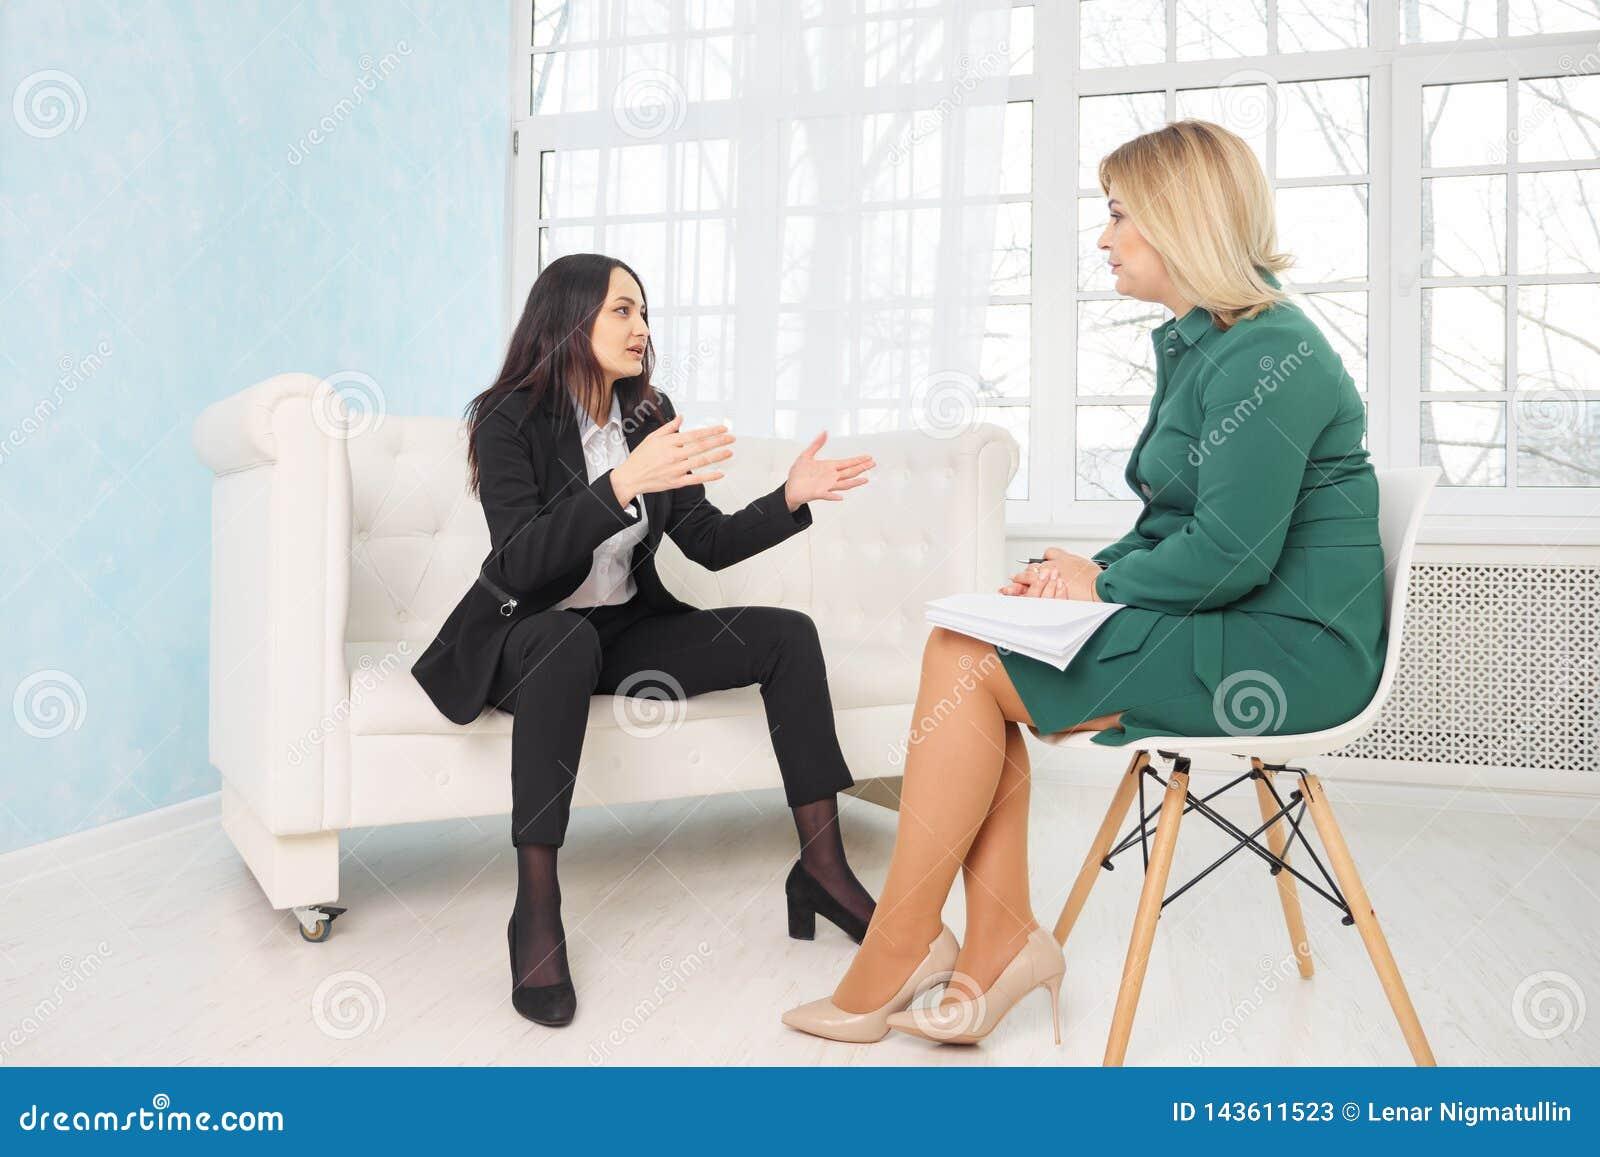 Gesch?ftsfrau mit Nervenzusammenbruch spricht mit dem Psychologen, der Kenntnisse nimmt